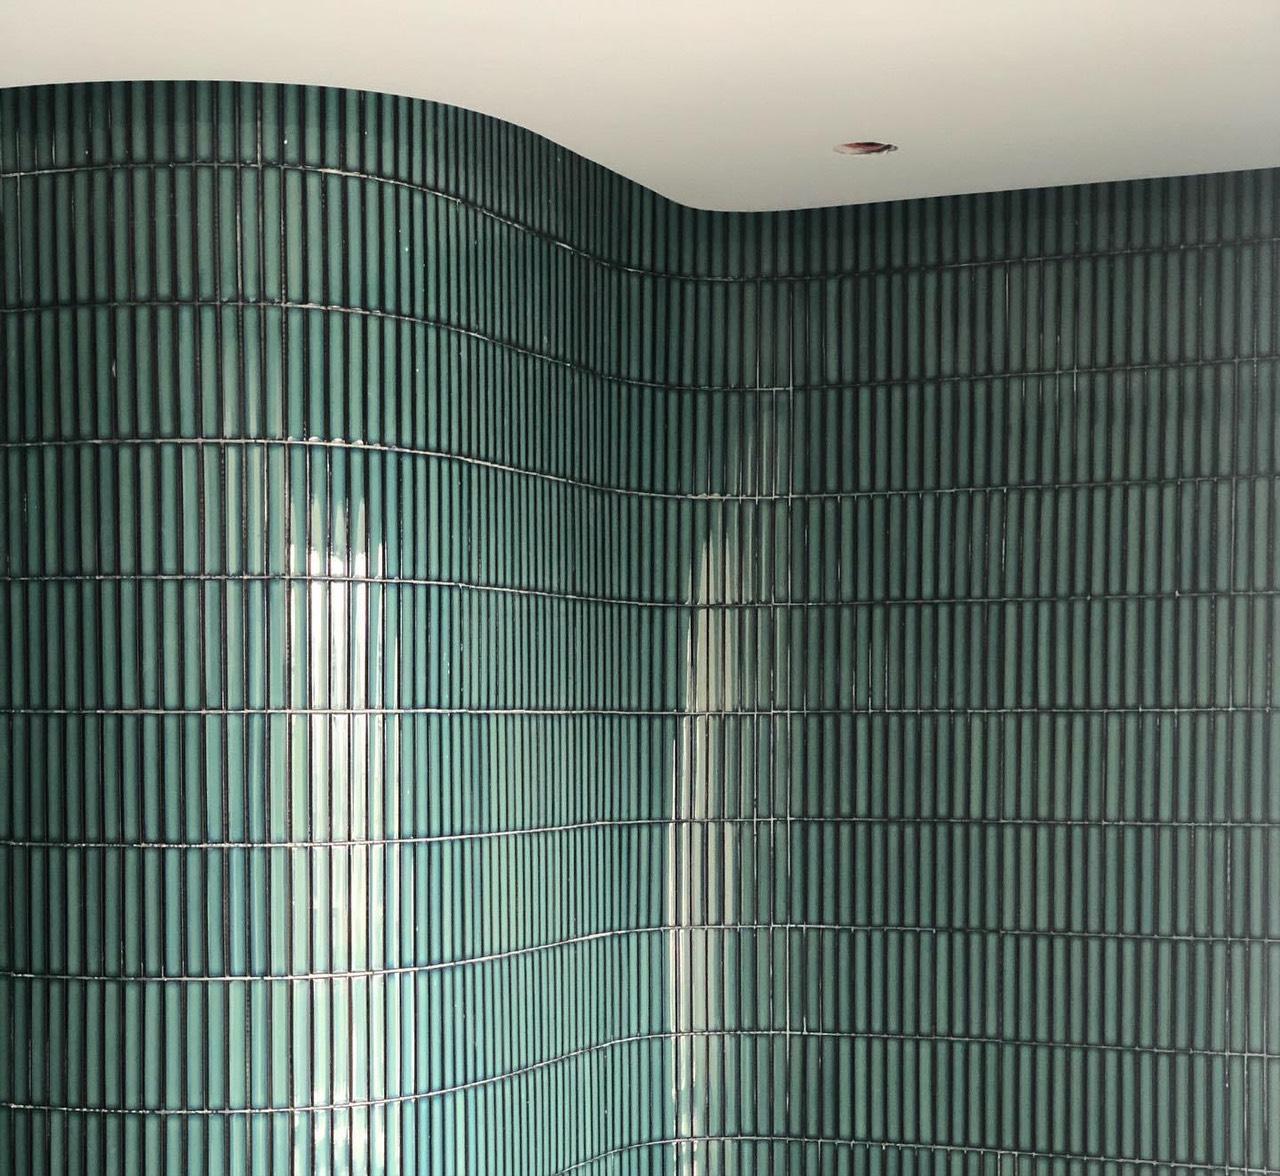 gach mossaic op tuong dua mau xanh men ran cao cap